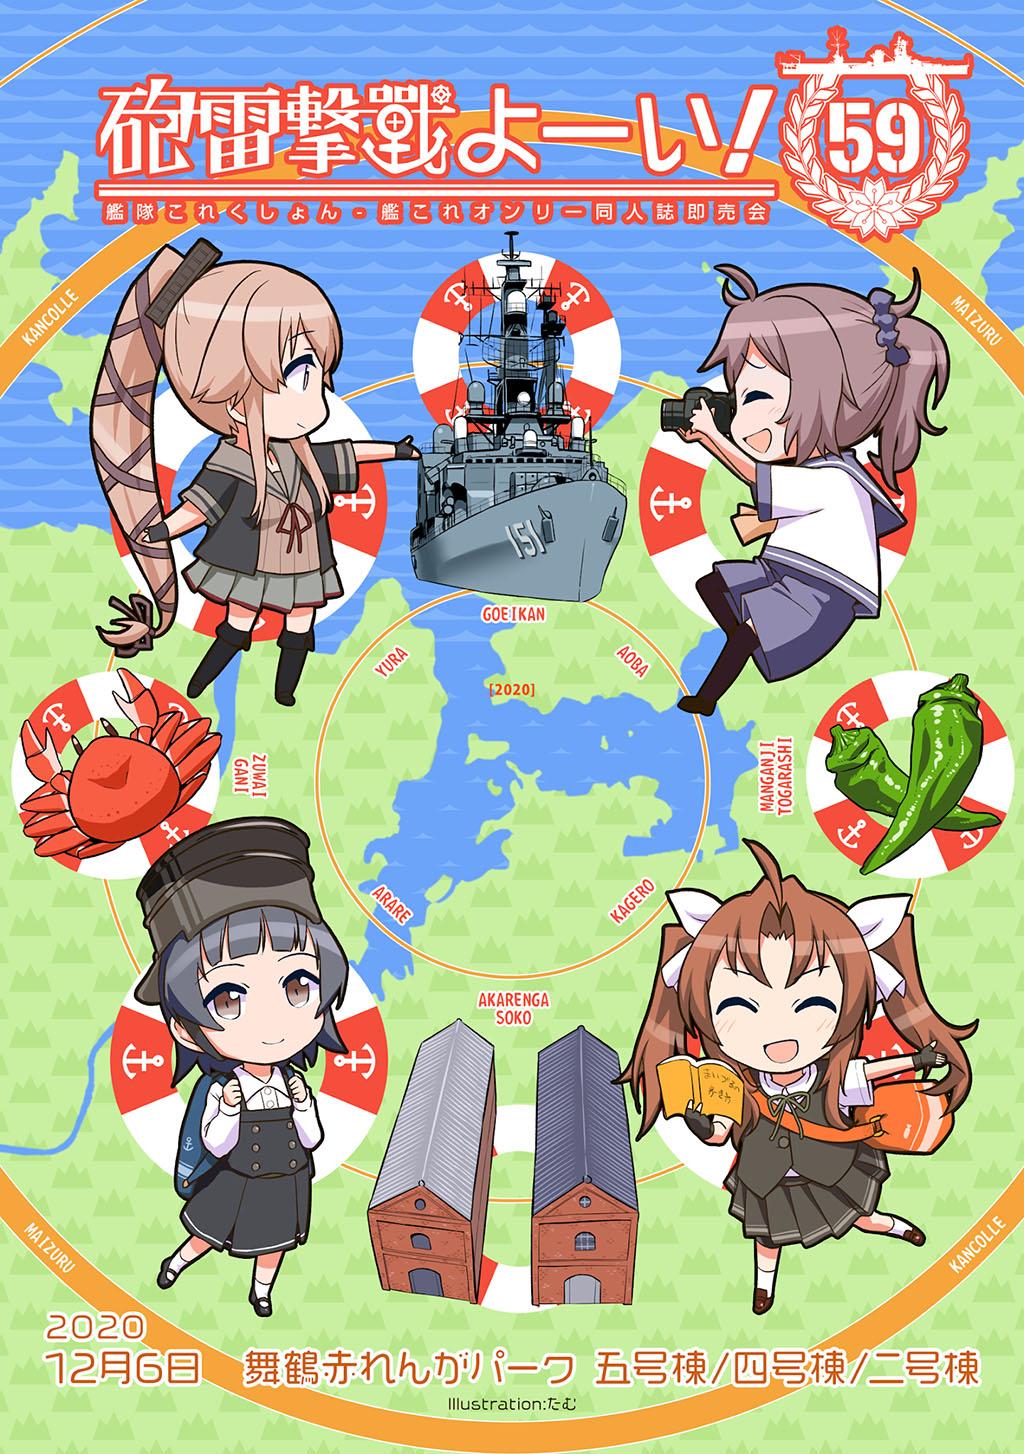 砲雷撃戦!よーい!五十九戦目舞鶴 一般入場事前登録